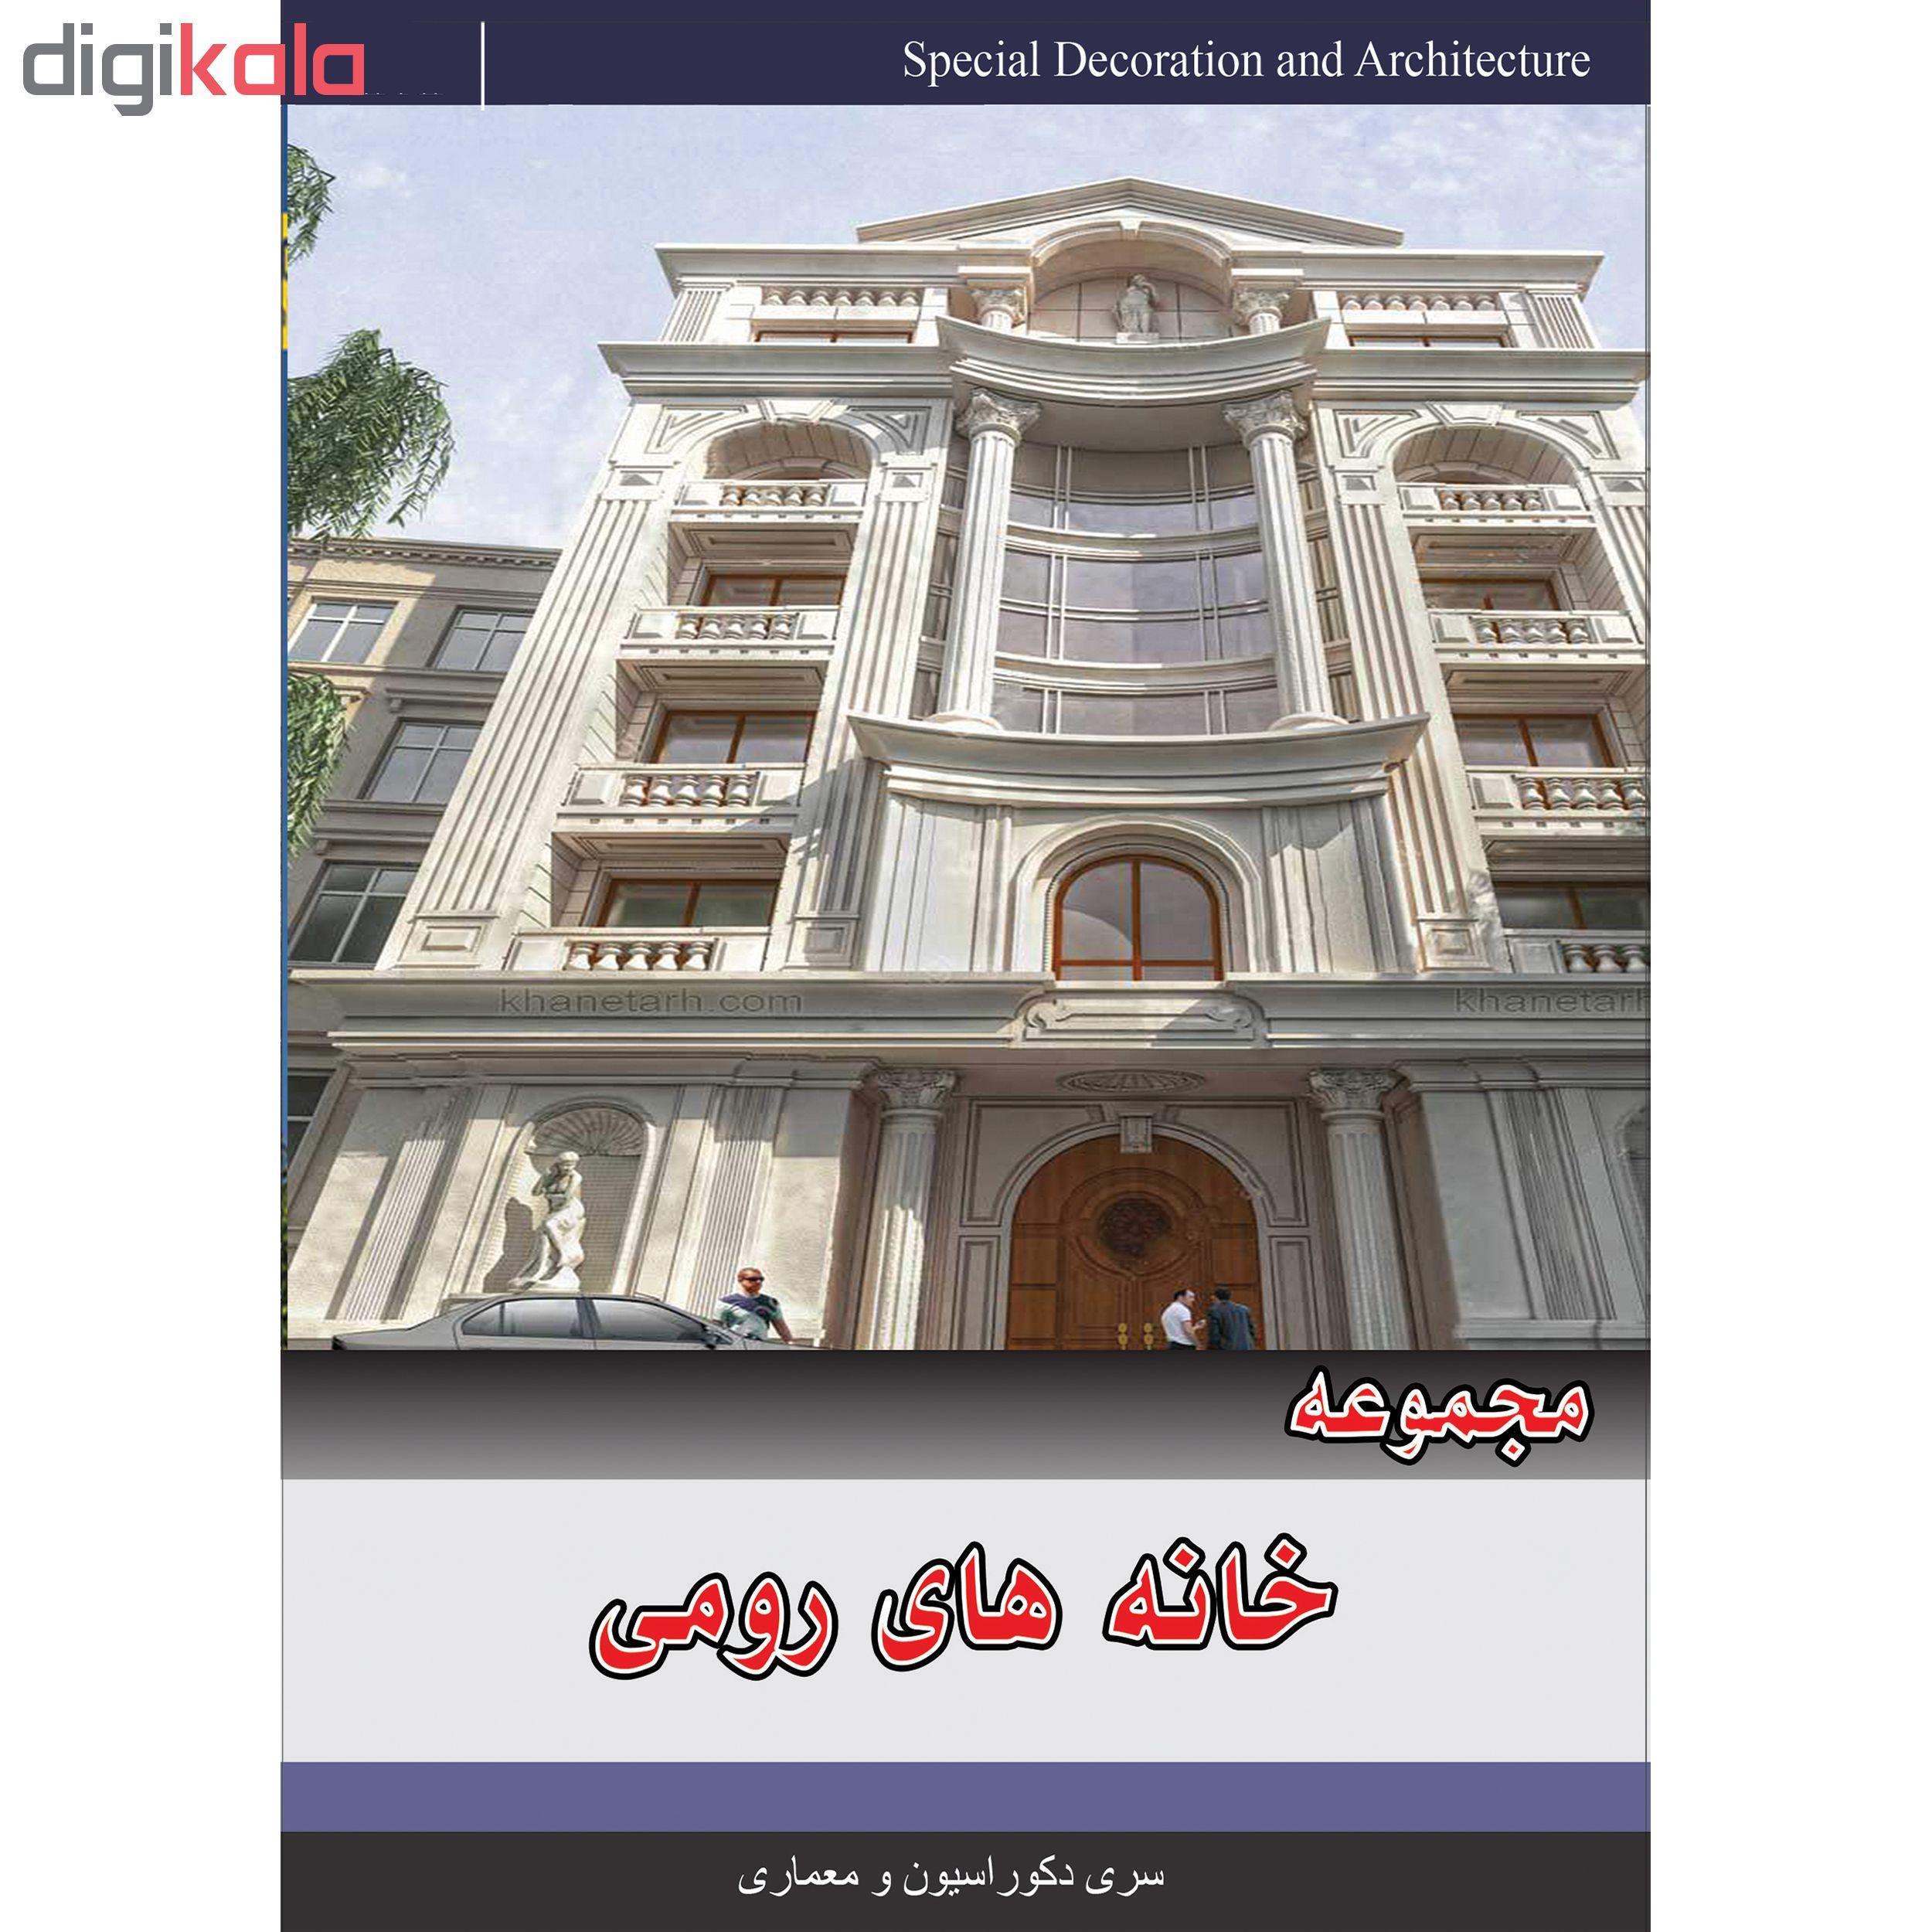 مجموعه معماری نمای رومی نشر جی ای بانک